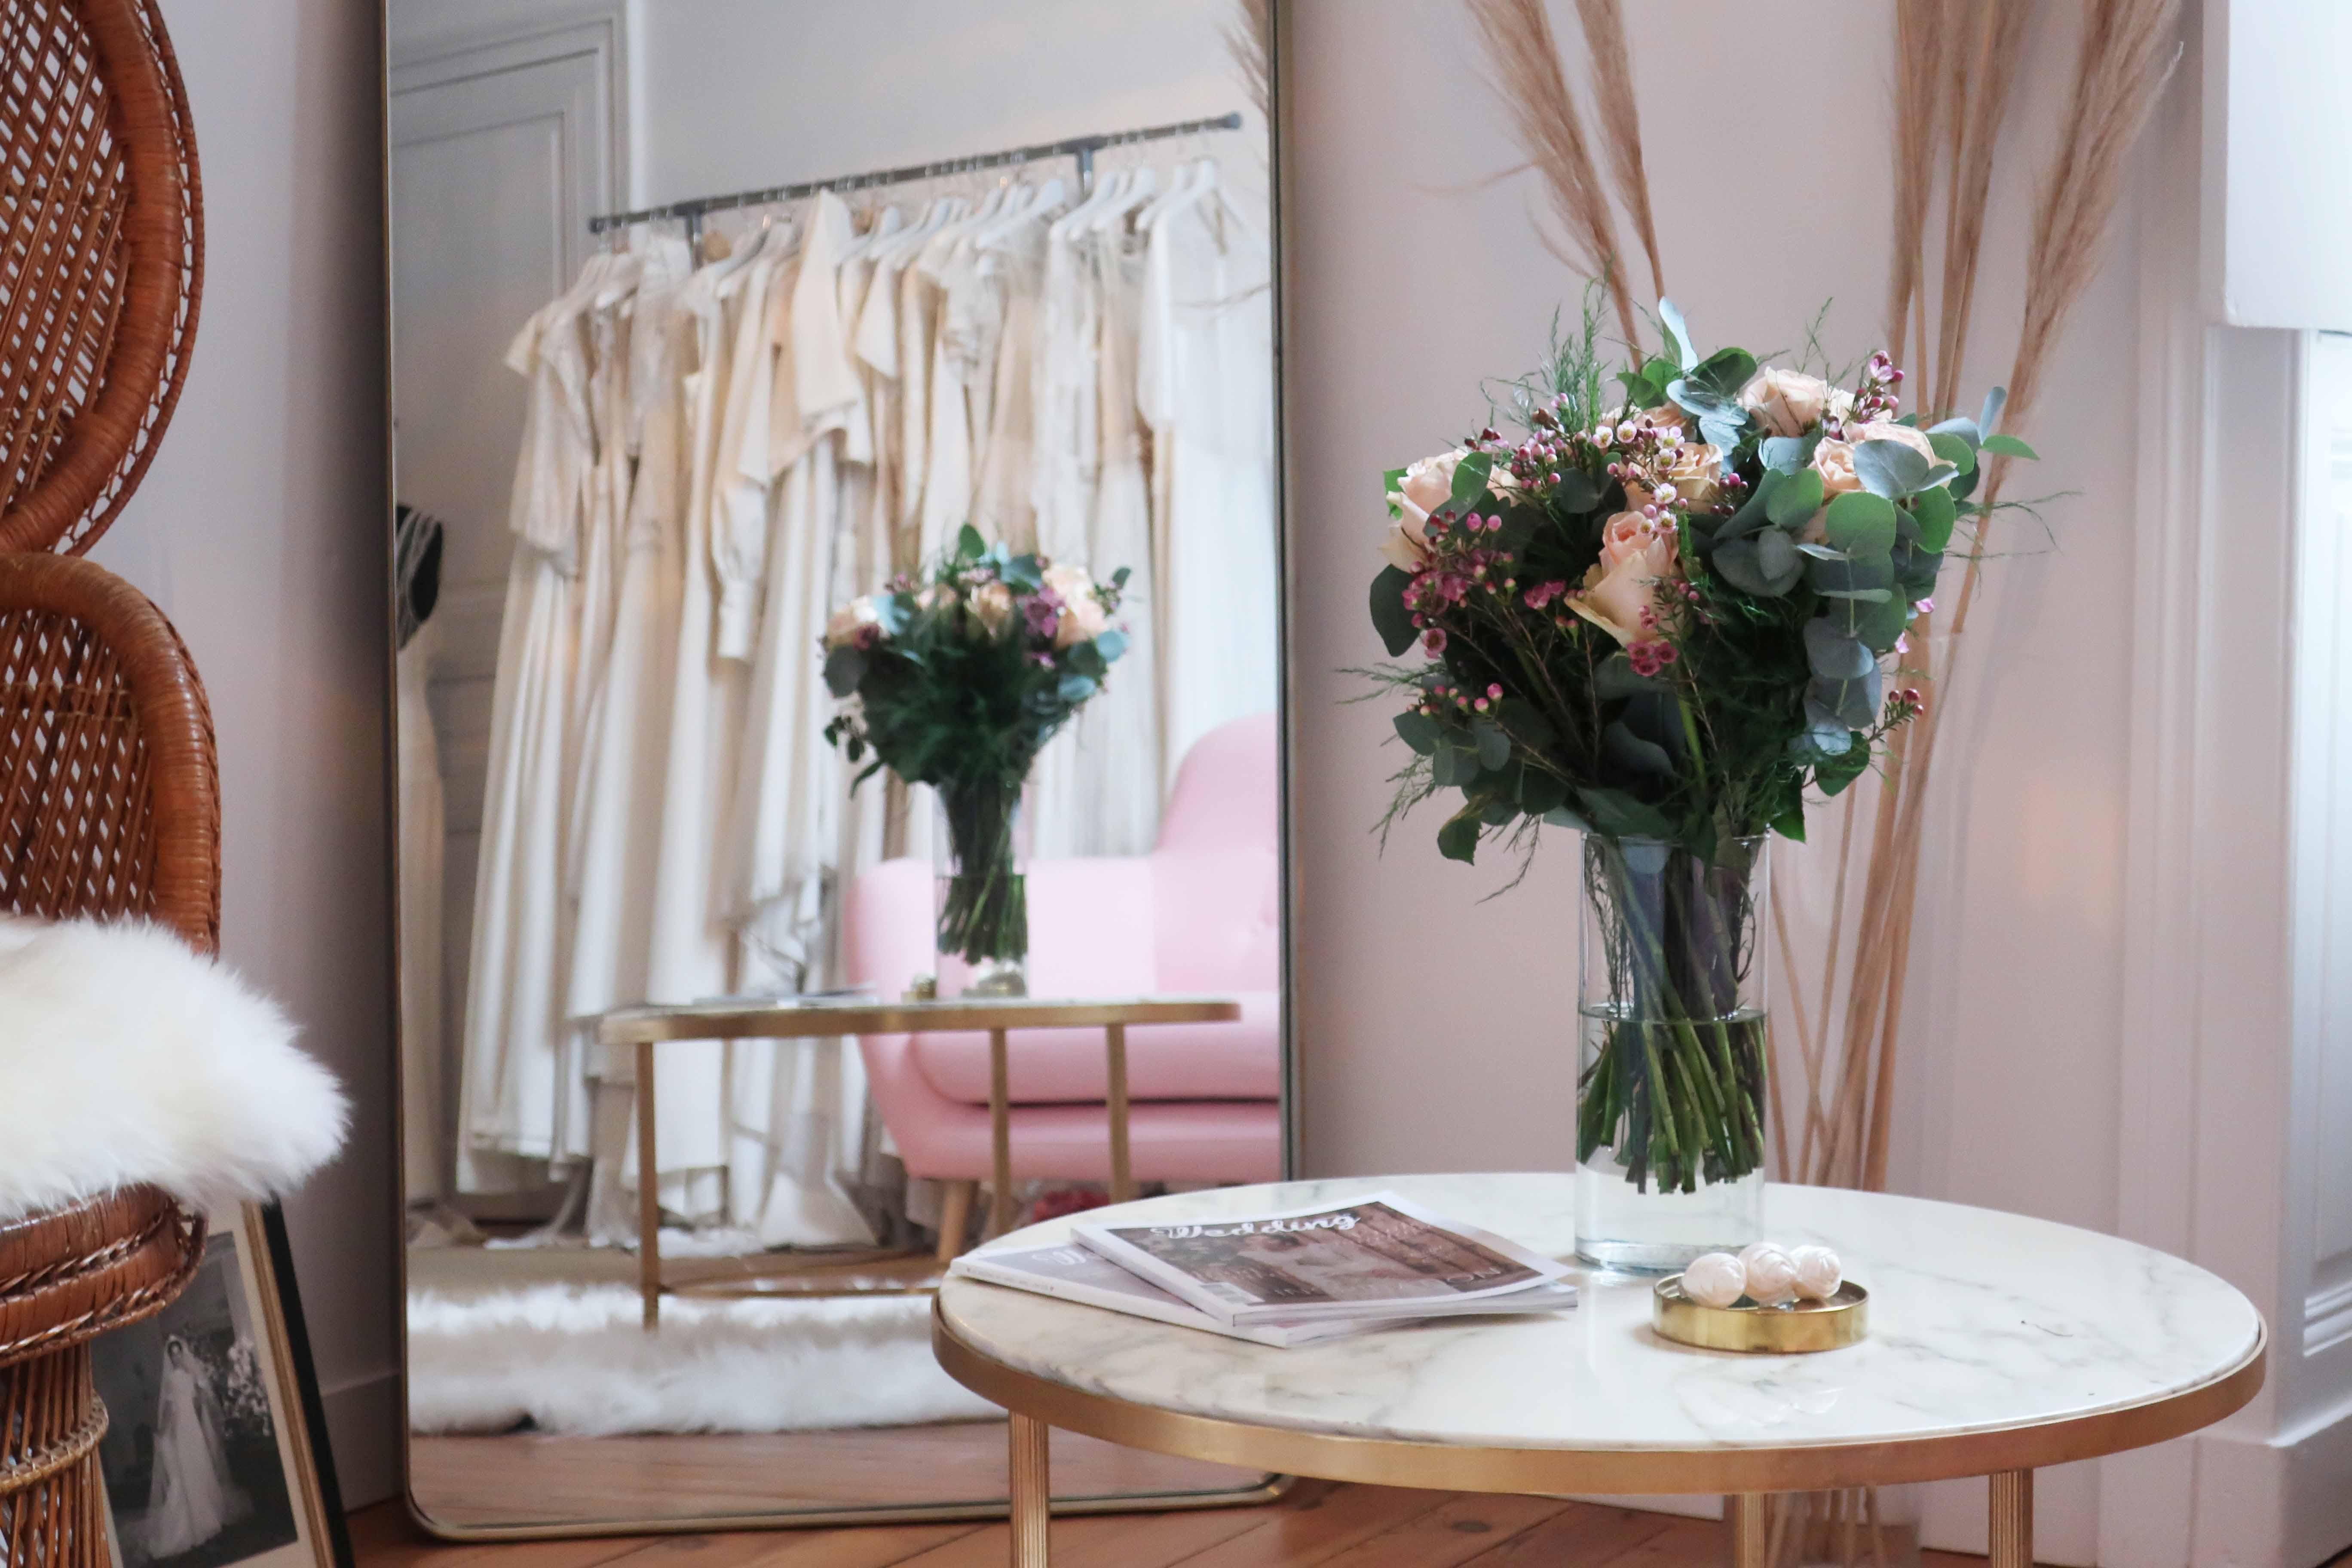 boutique de robe de mariée - outlet mariage Loire atlantique